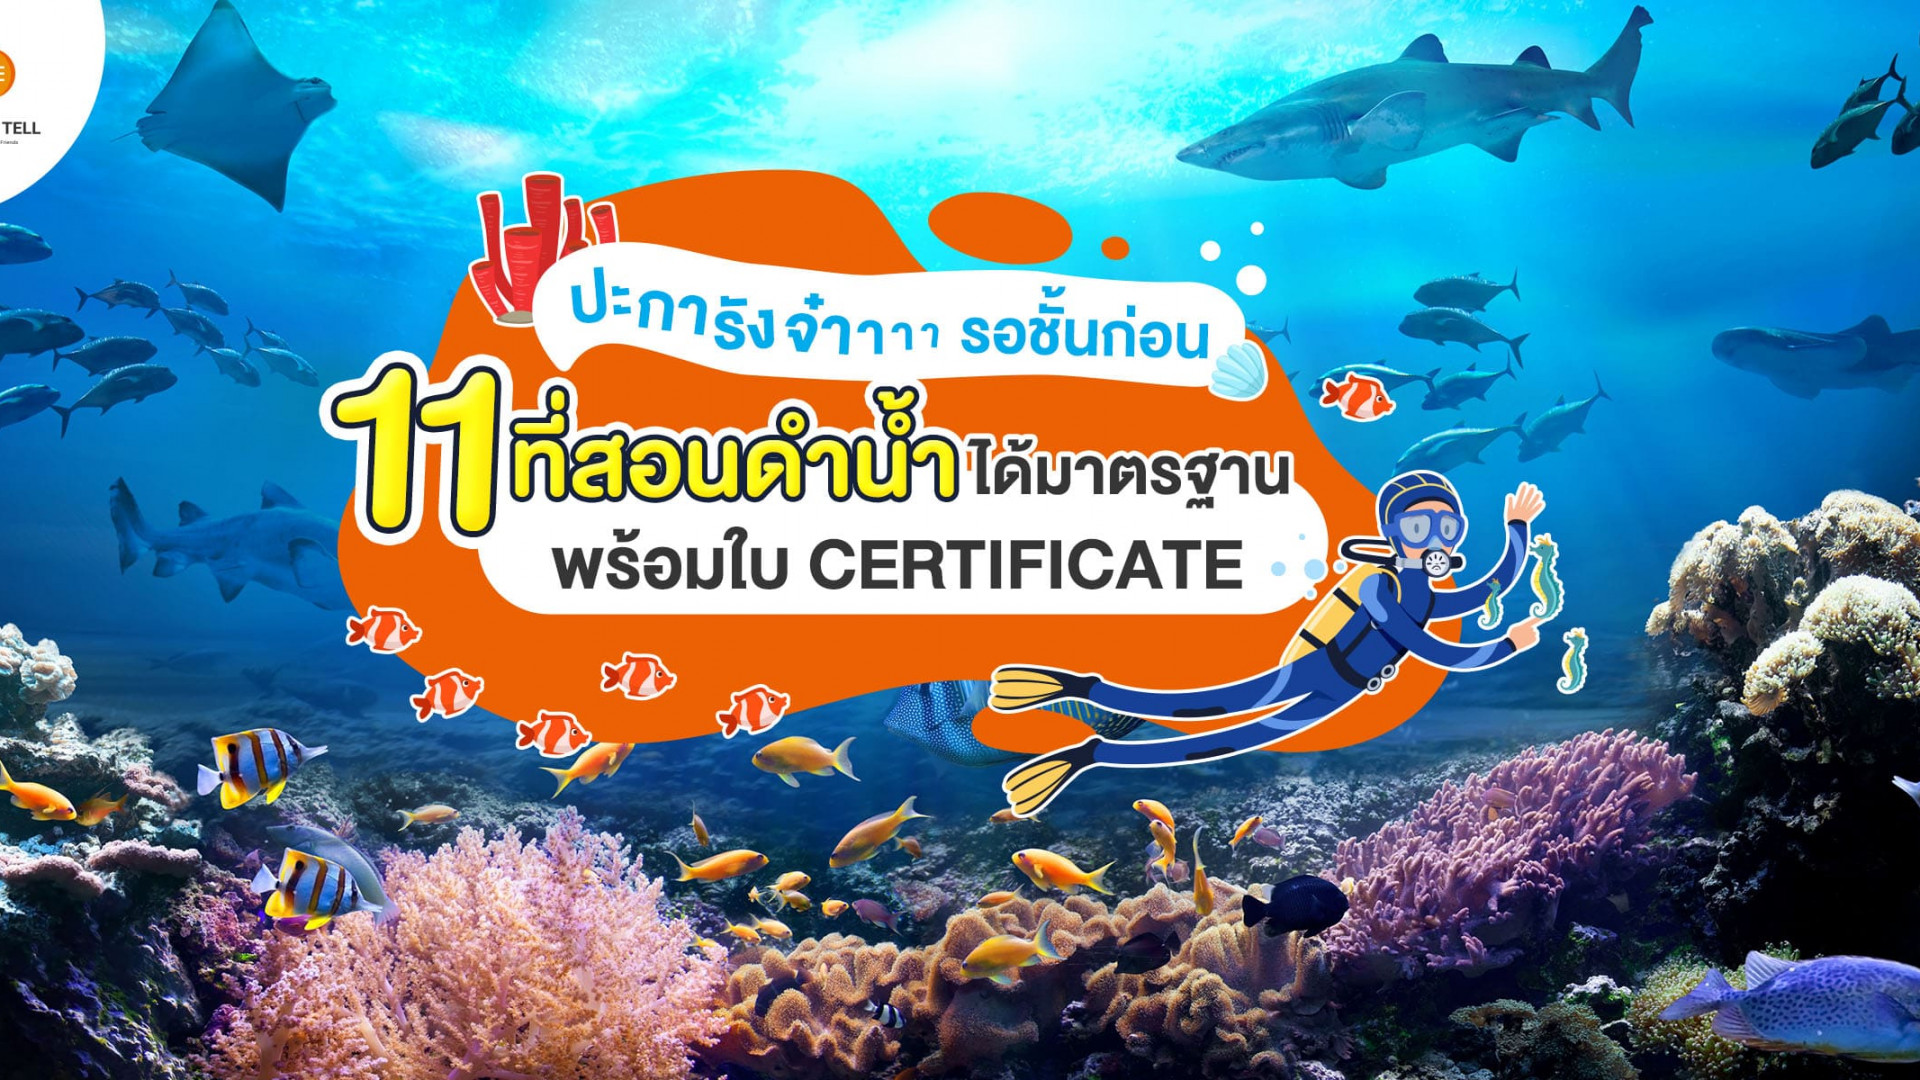 ชี้เป้า 11 ที่เรียนดำน้ำ ได้มาตรฐาน ปลอดภัย พร้อมใบ Certificate อัปเดตปี 2020